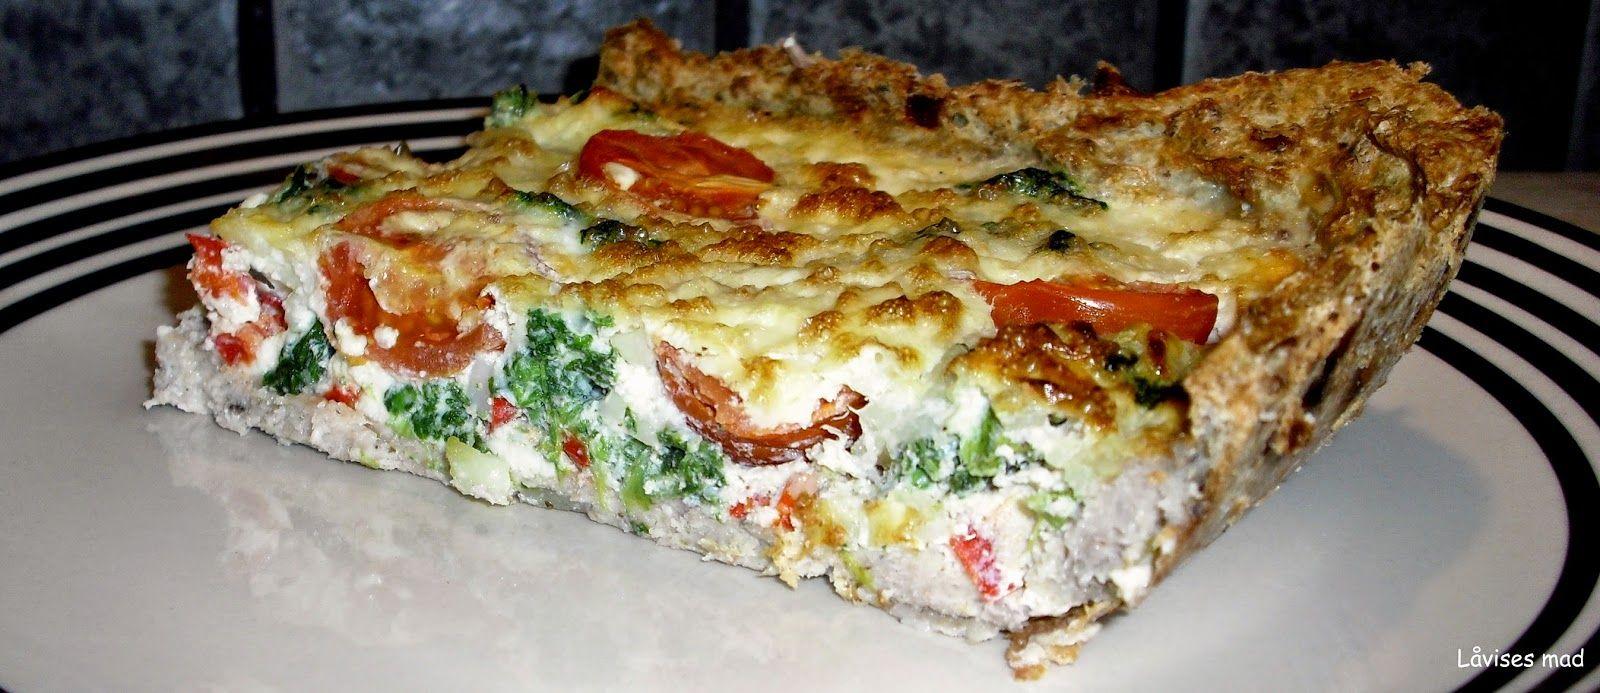 Låvises mad: Grønsagstærte med farsbund